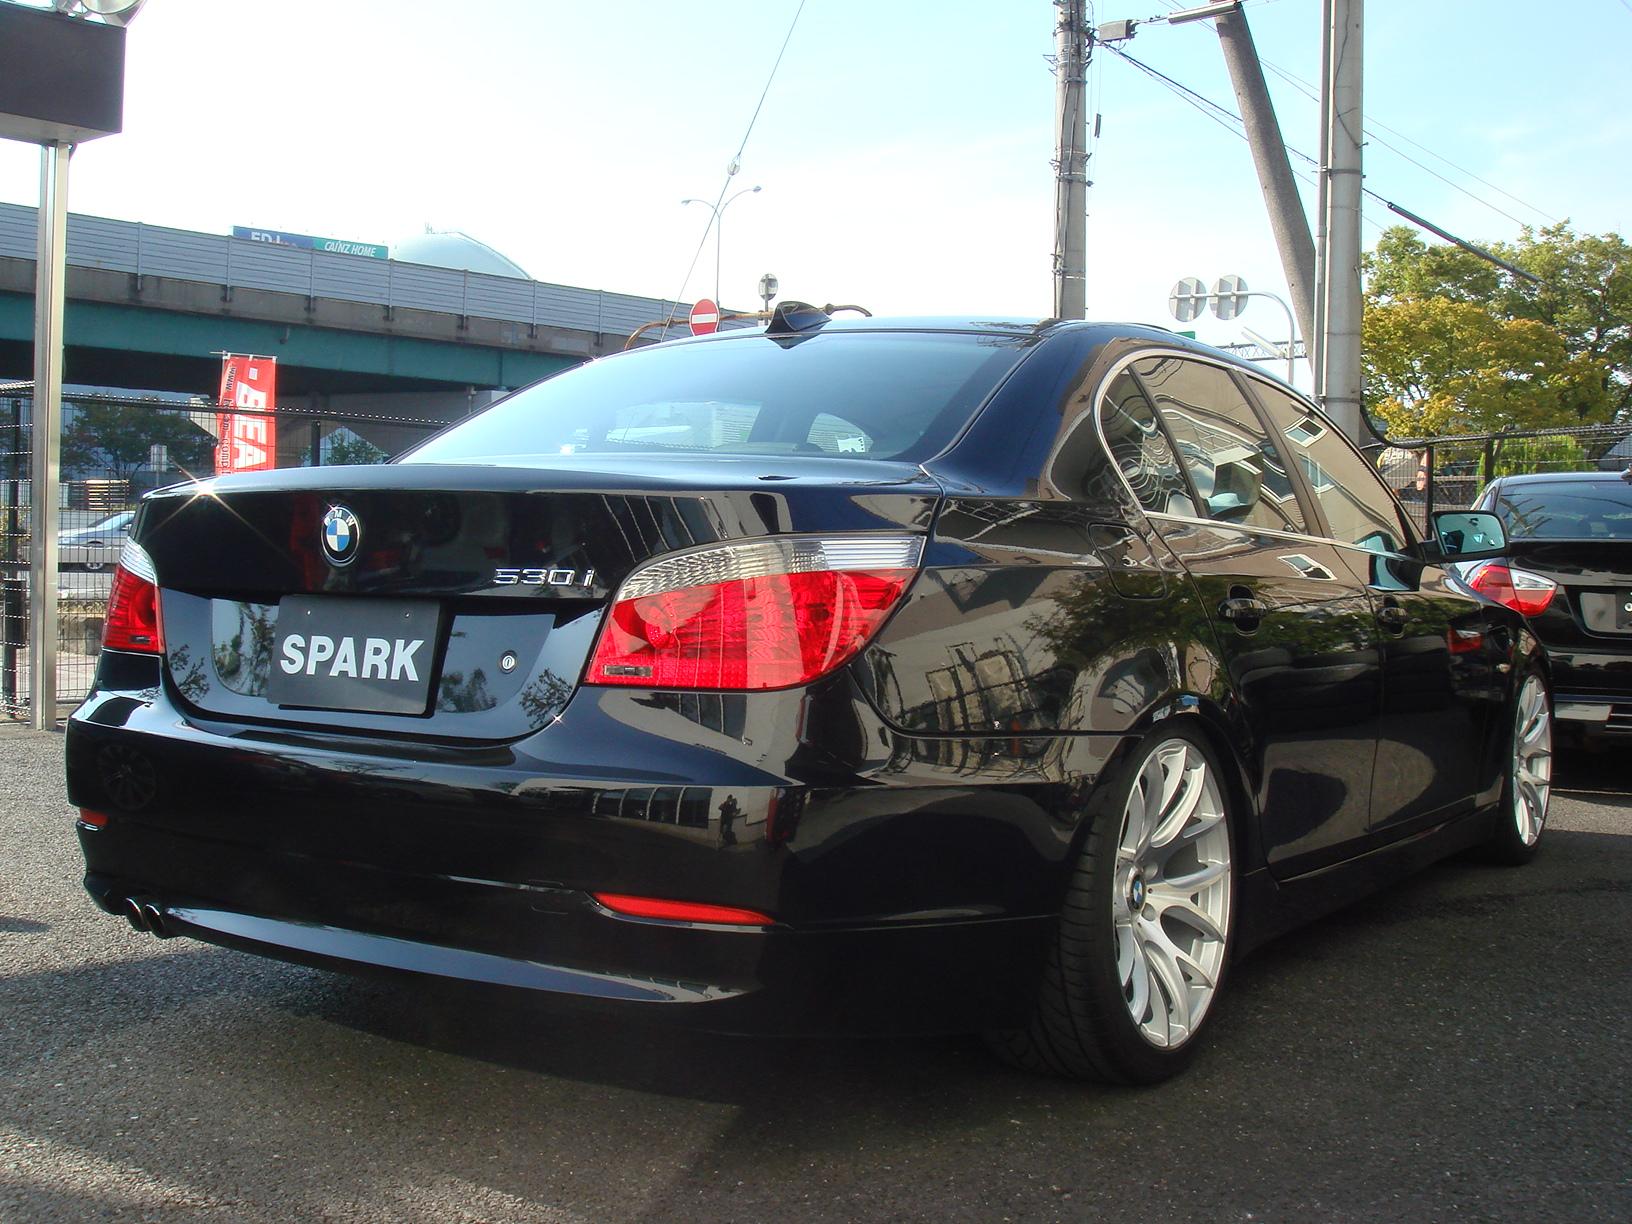 BMW 530i ハイラインパッケージ サンルーフ 後期エンジン車両画像05